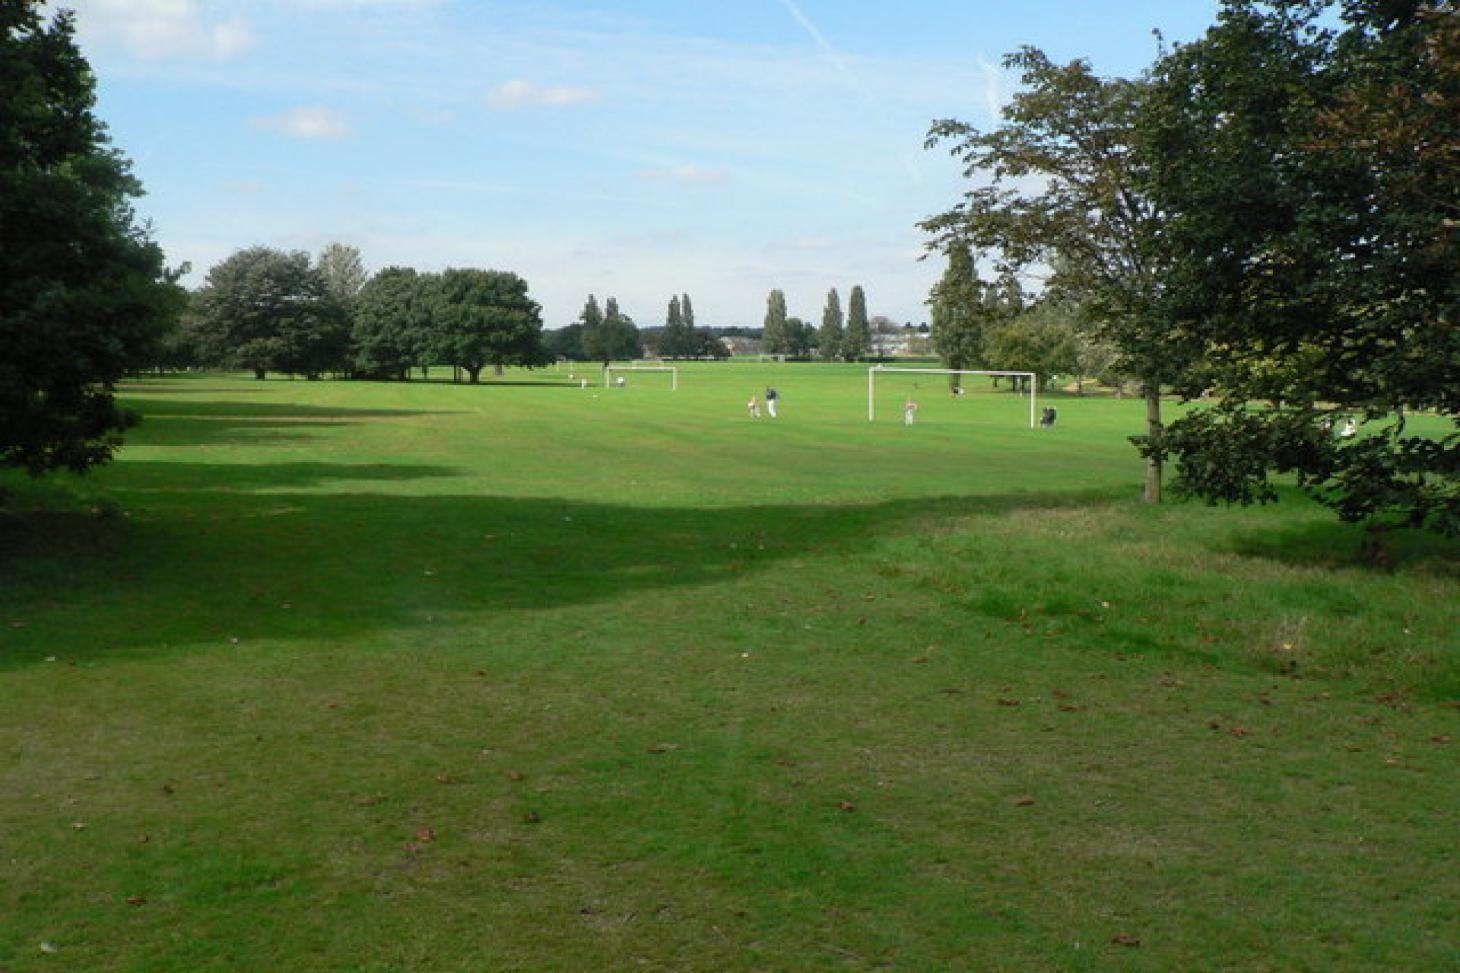 Danson Park 11 a side   Grass football pitch